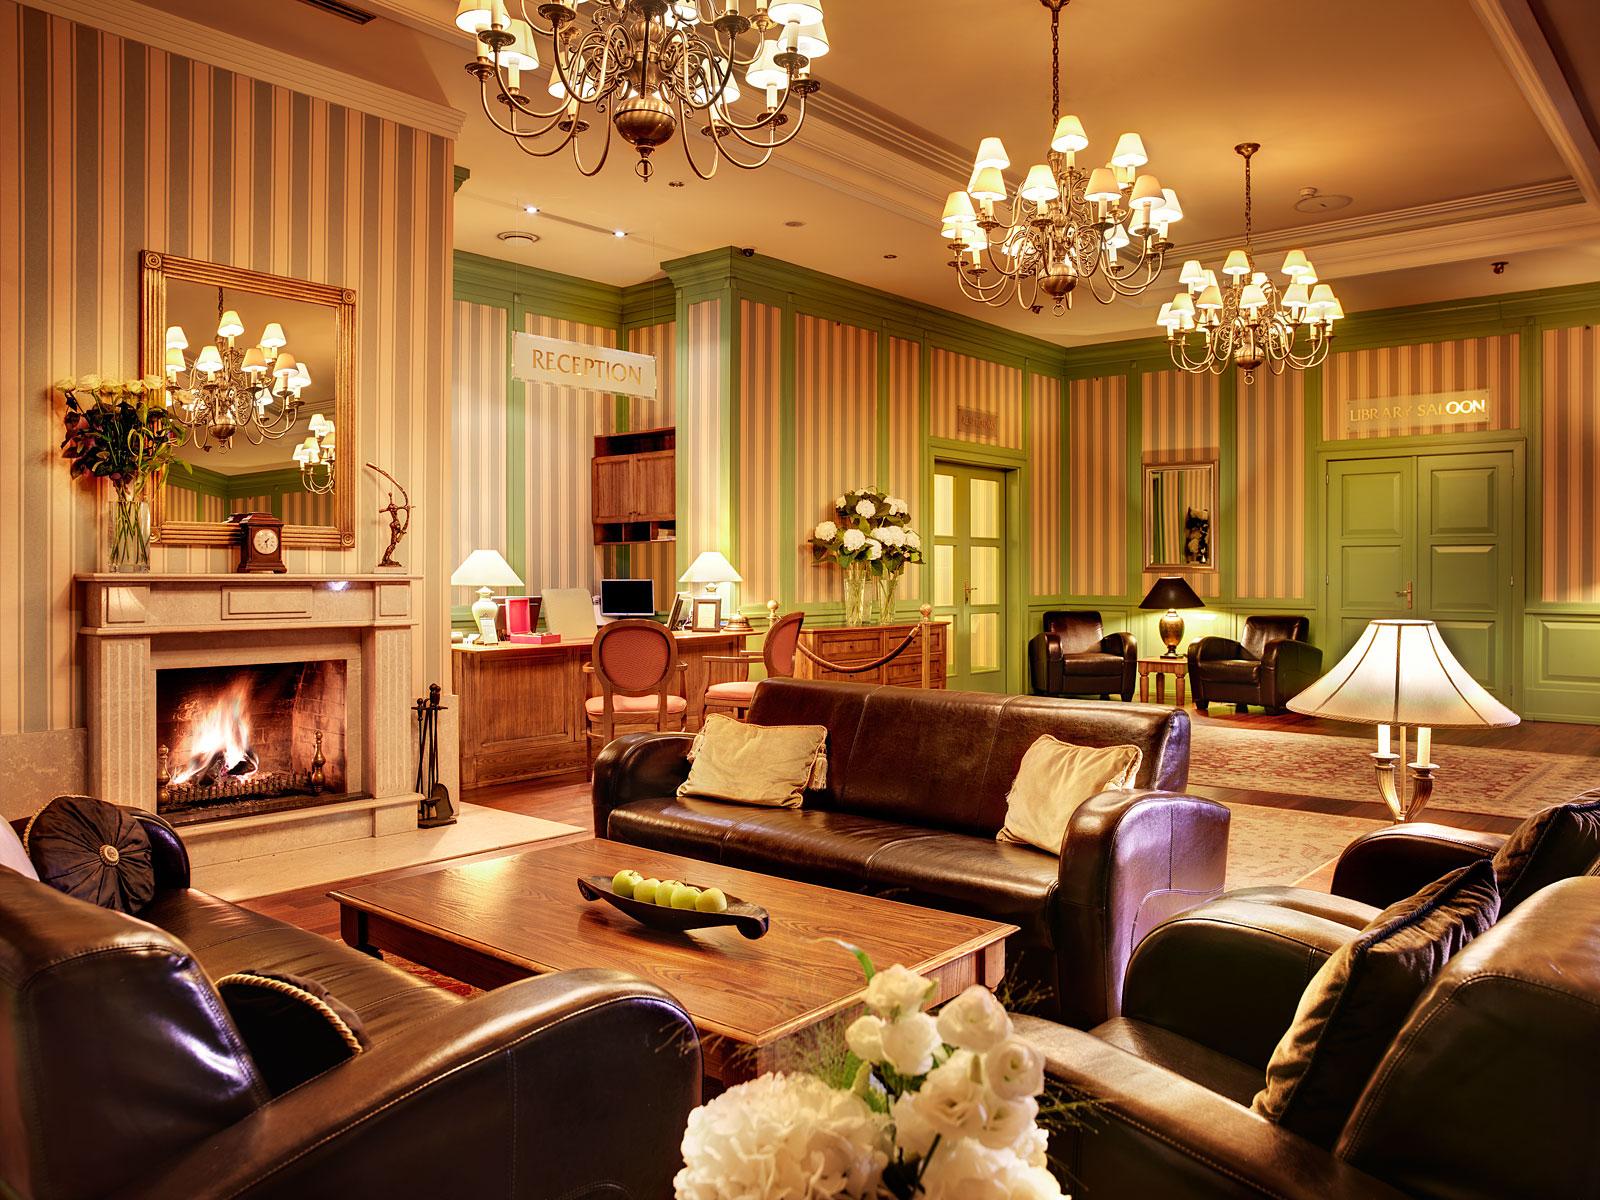 Hotel Marrols 001